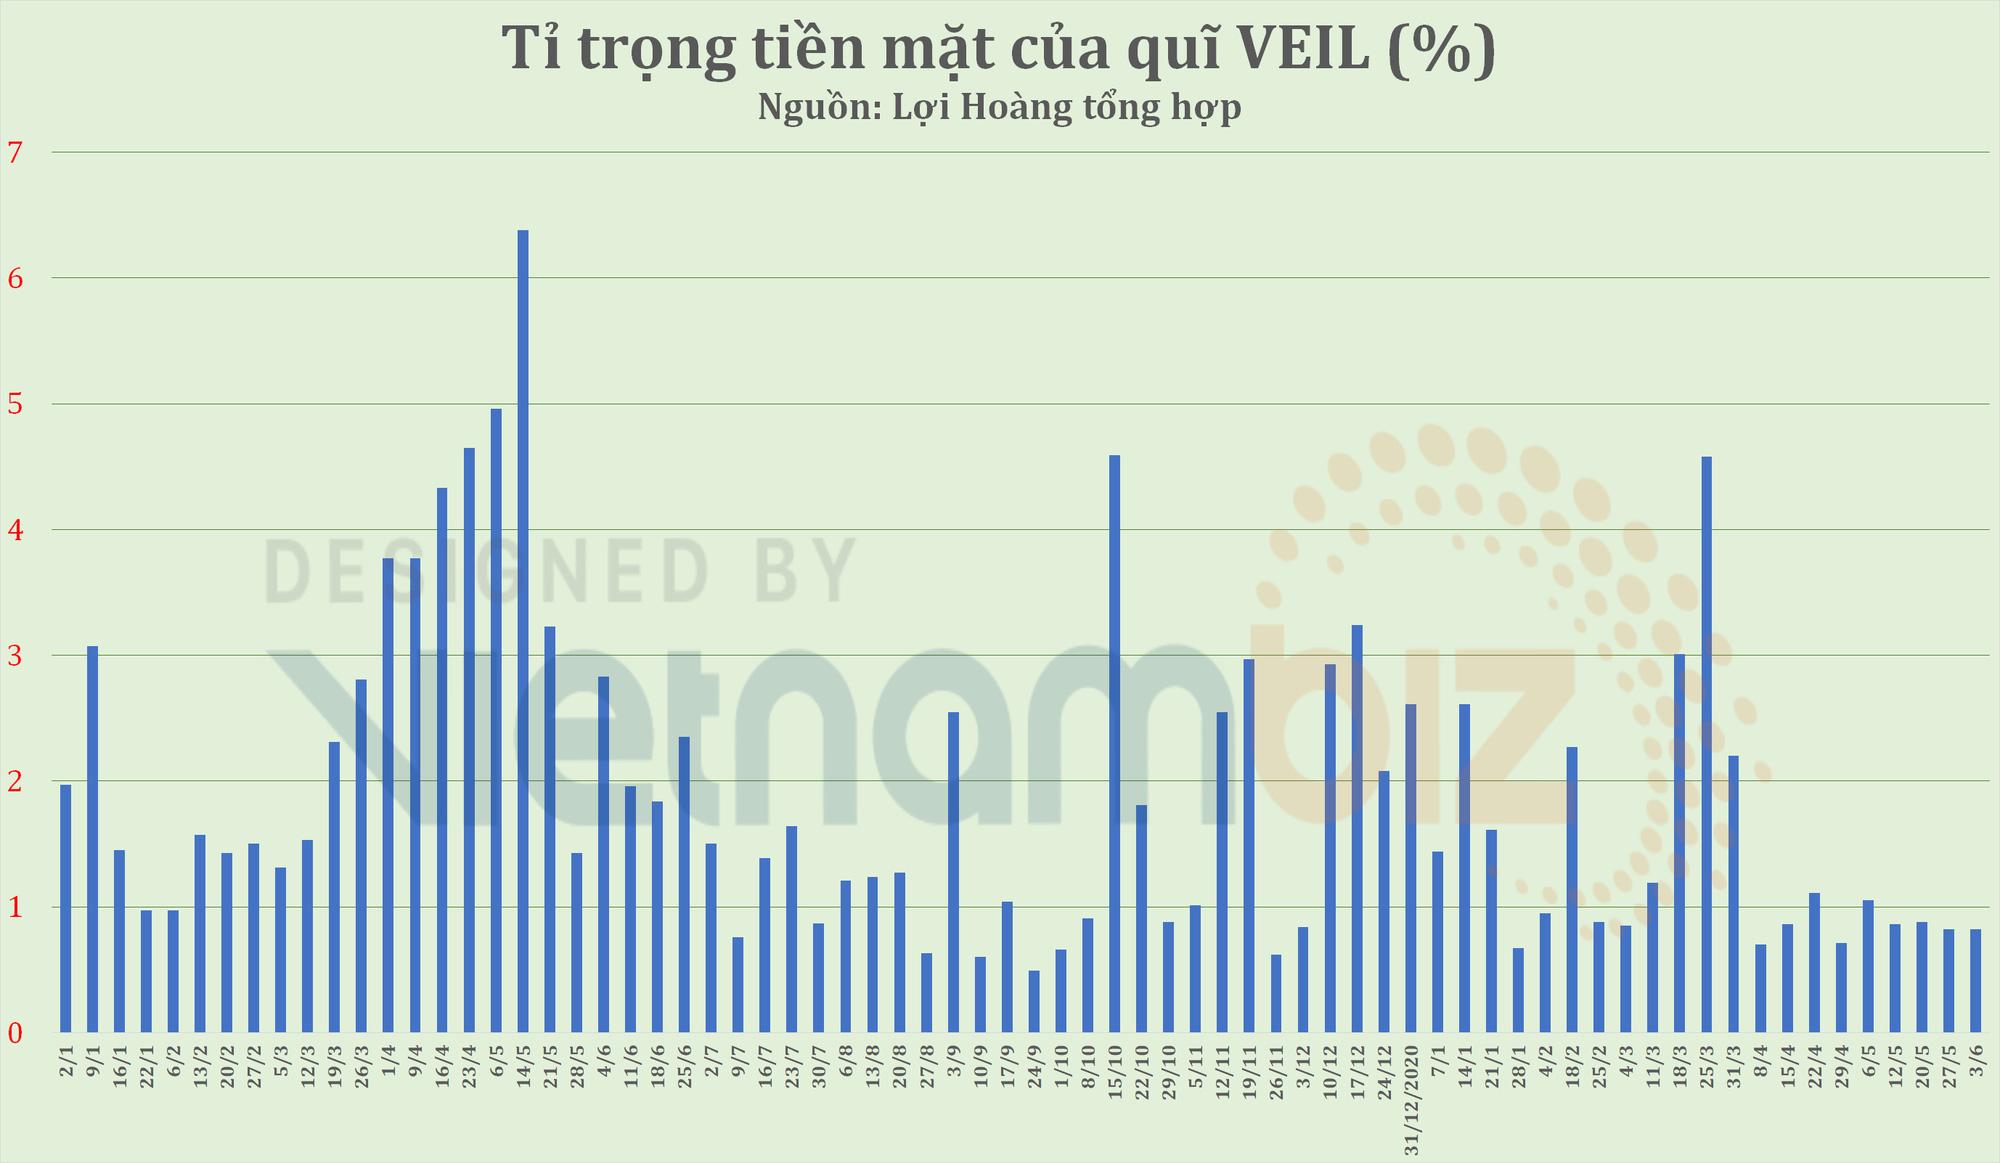 Lãi gấp đôi mức tăng VN-Index, Dragon Capital vẫn duy trì tỷ trọng tiền dưới 1% tại quỹ quy mô hơn 2,5 tỷ USD - Ảnh 1.